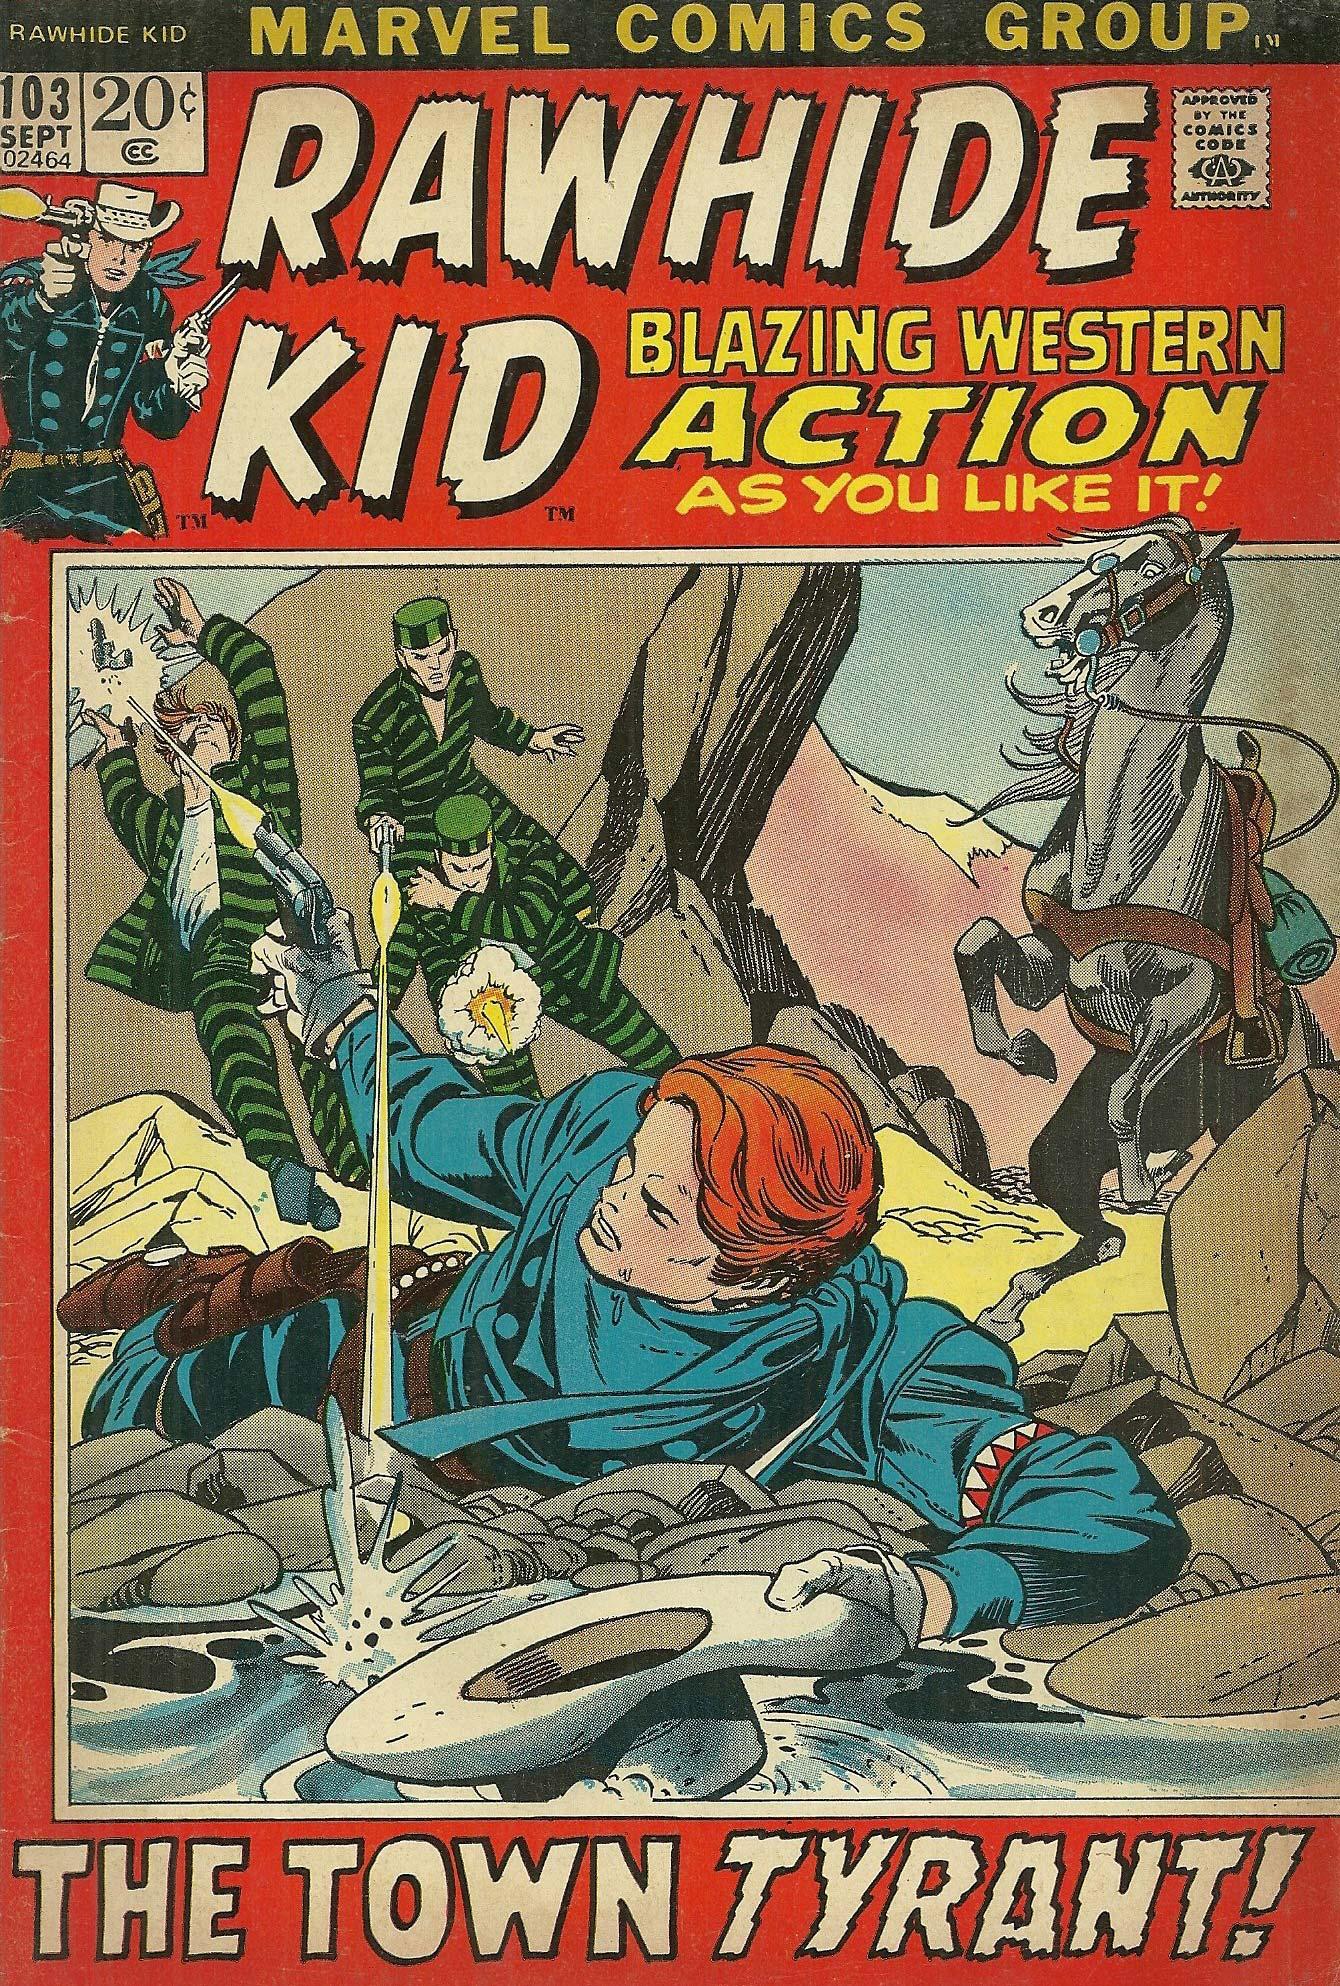 Rawhide Kid (1955) #103